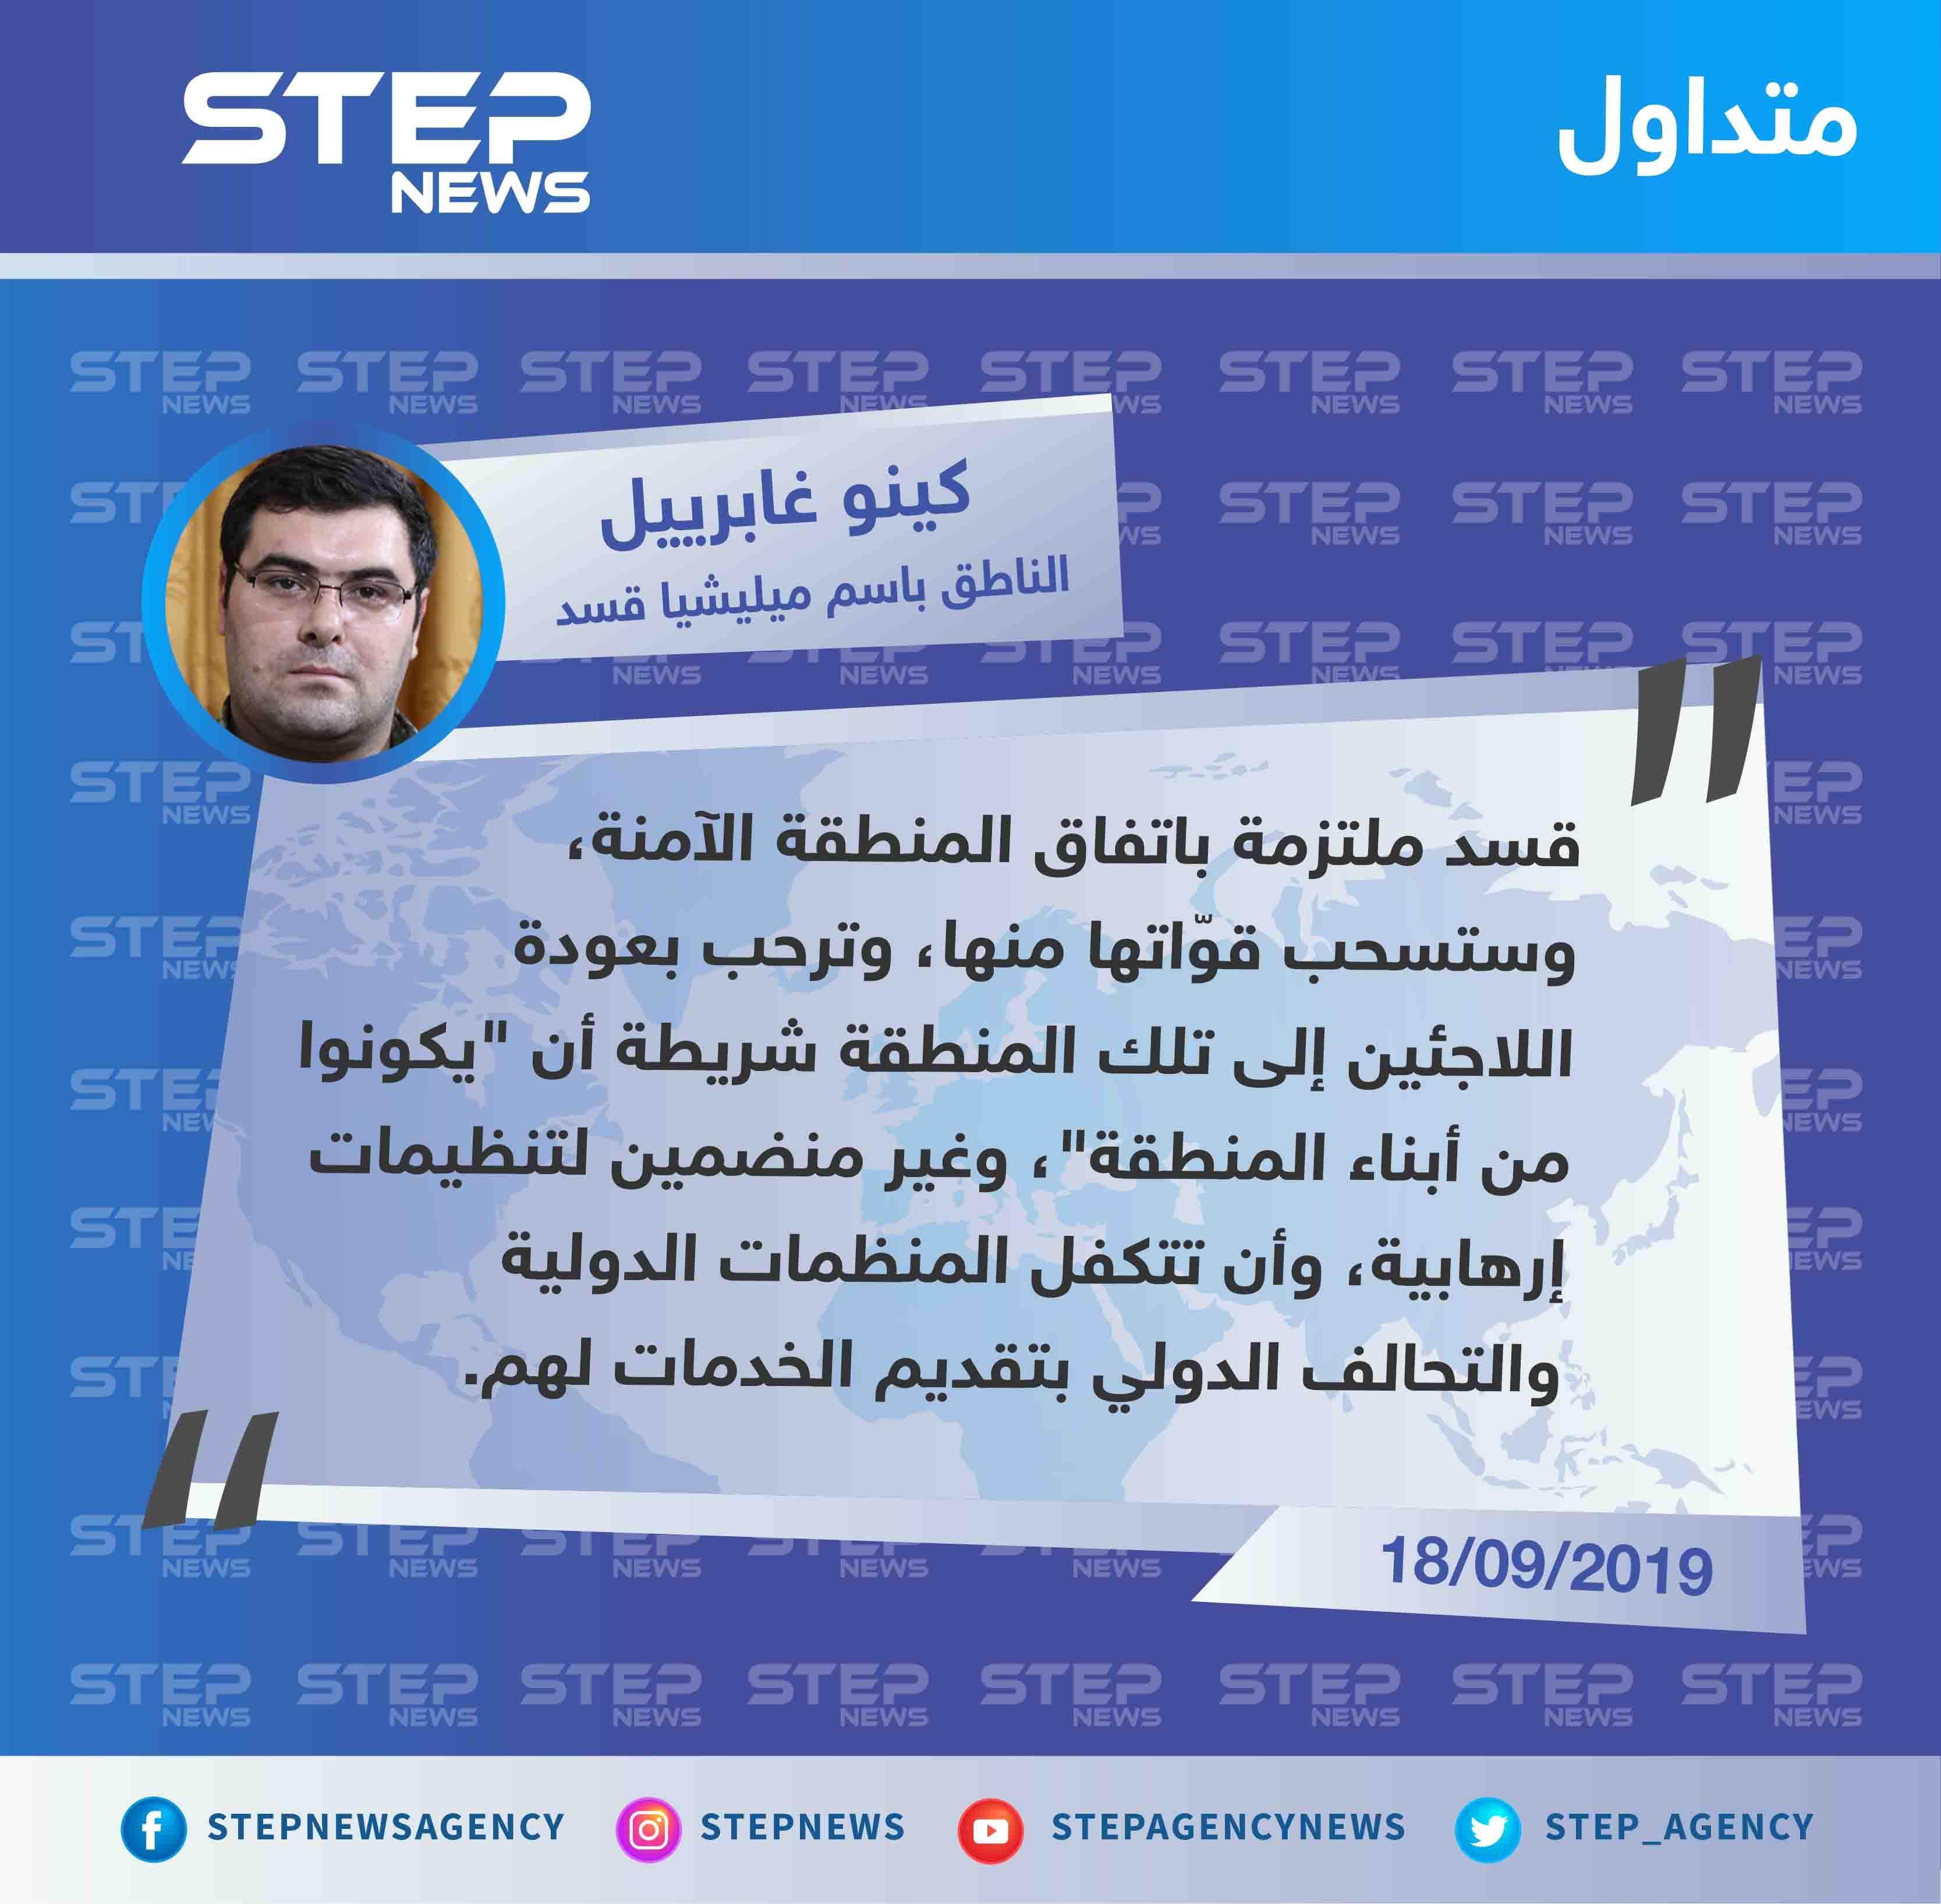 ميليشيا قسد تُحدد شروط عودة اللاجئين السوريين إلى المنطقة الآمنة!!